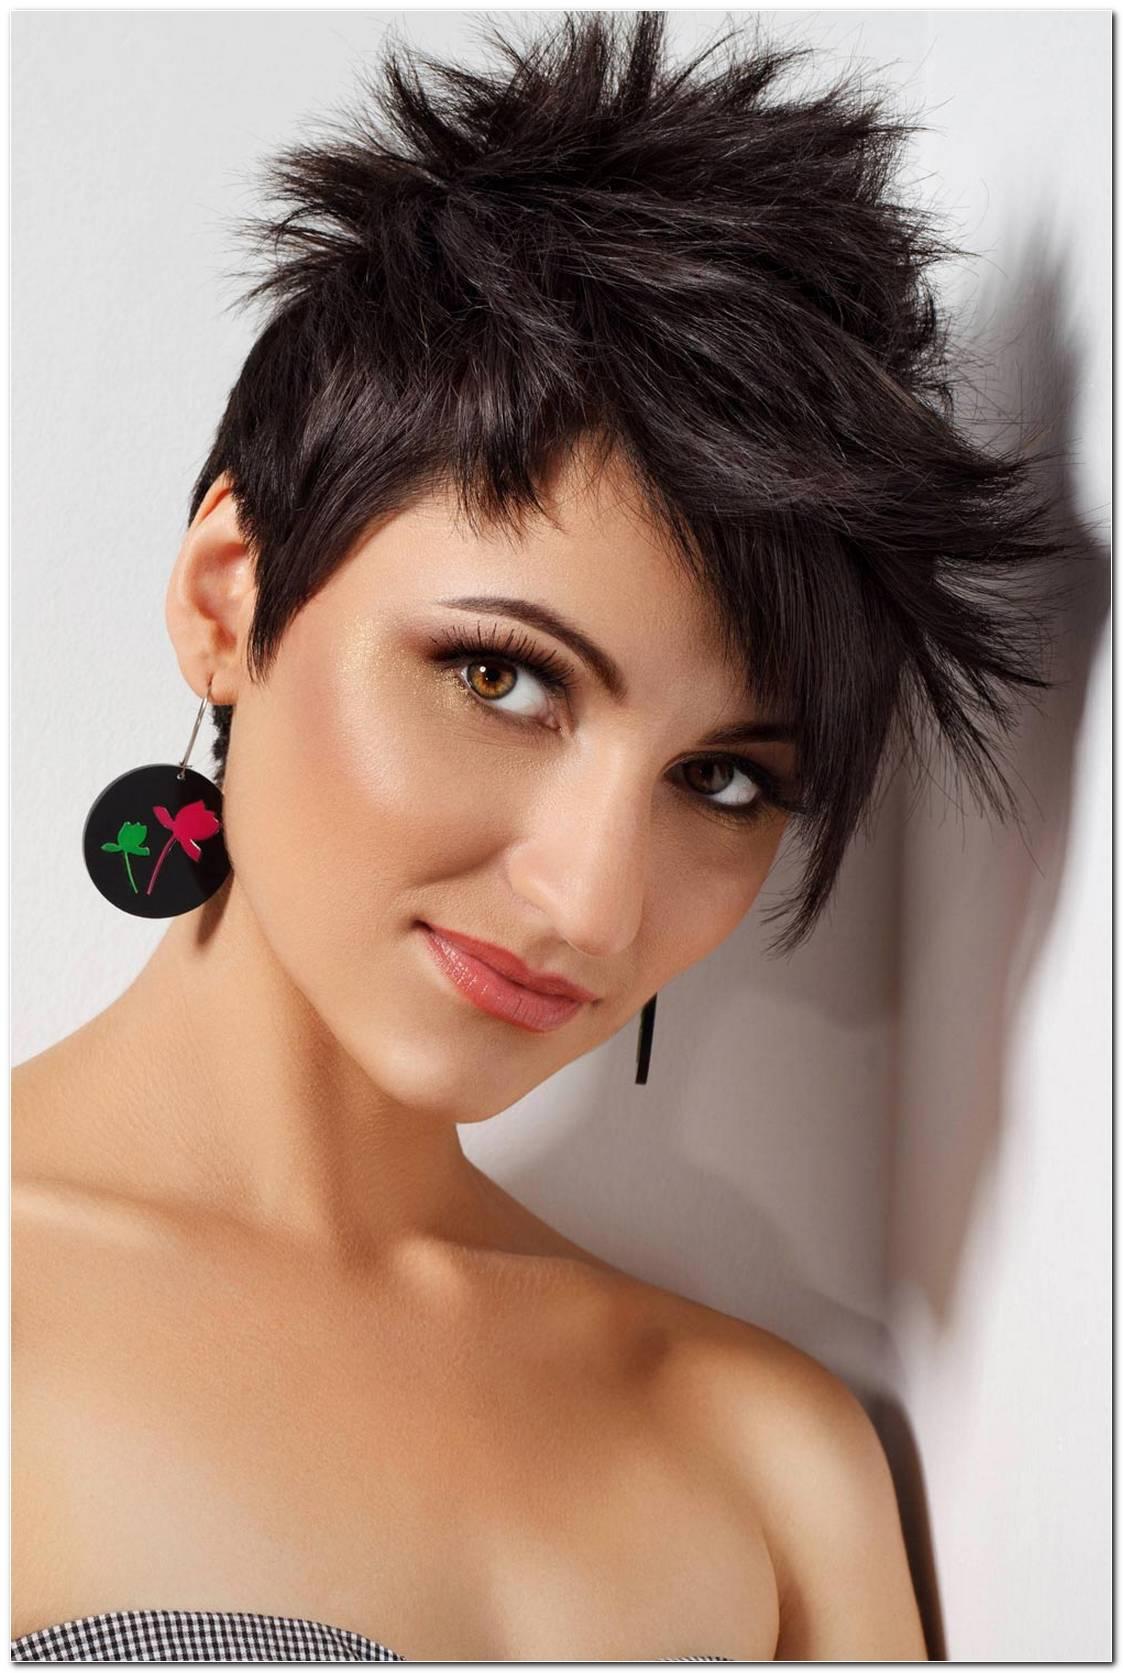 Frisuren Frauen Mittellang Frech